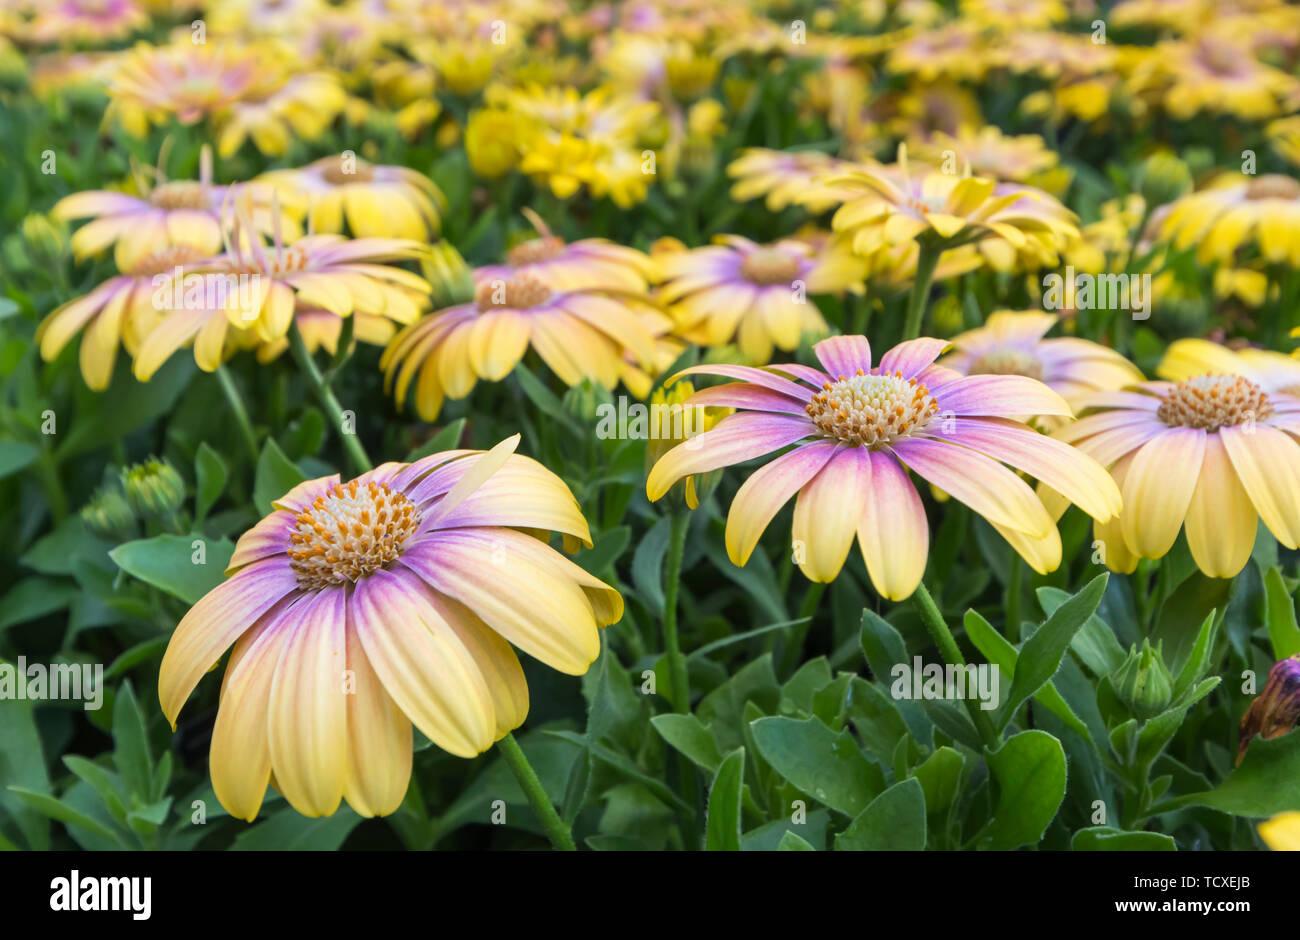 """Osteospermum serenità arrossendo bellezza """"Balostush' (da serenità serie) fiori in estate nel Regno Unito. Immagini Stock"""